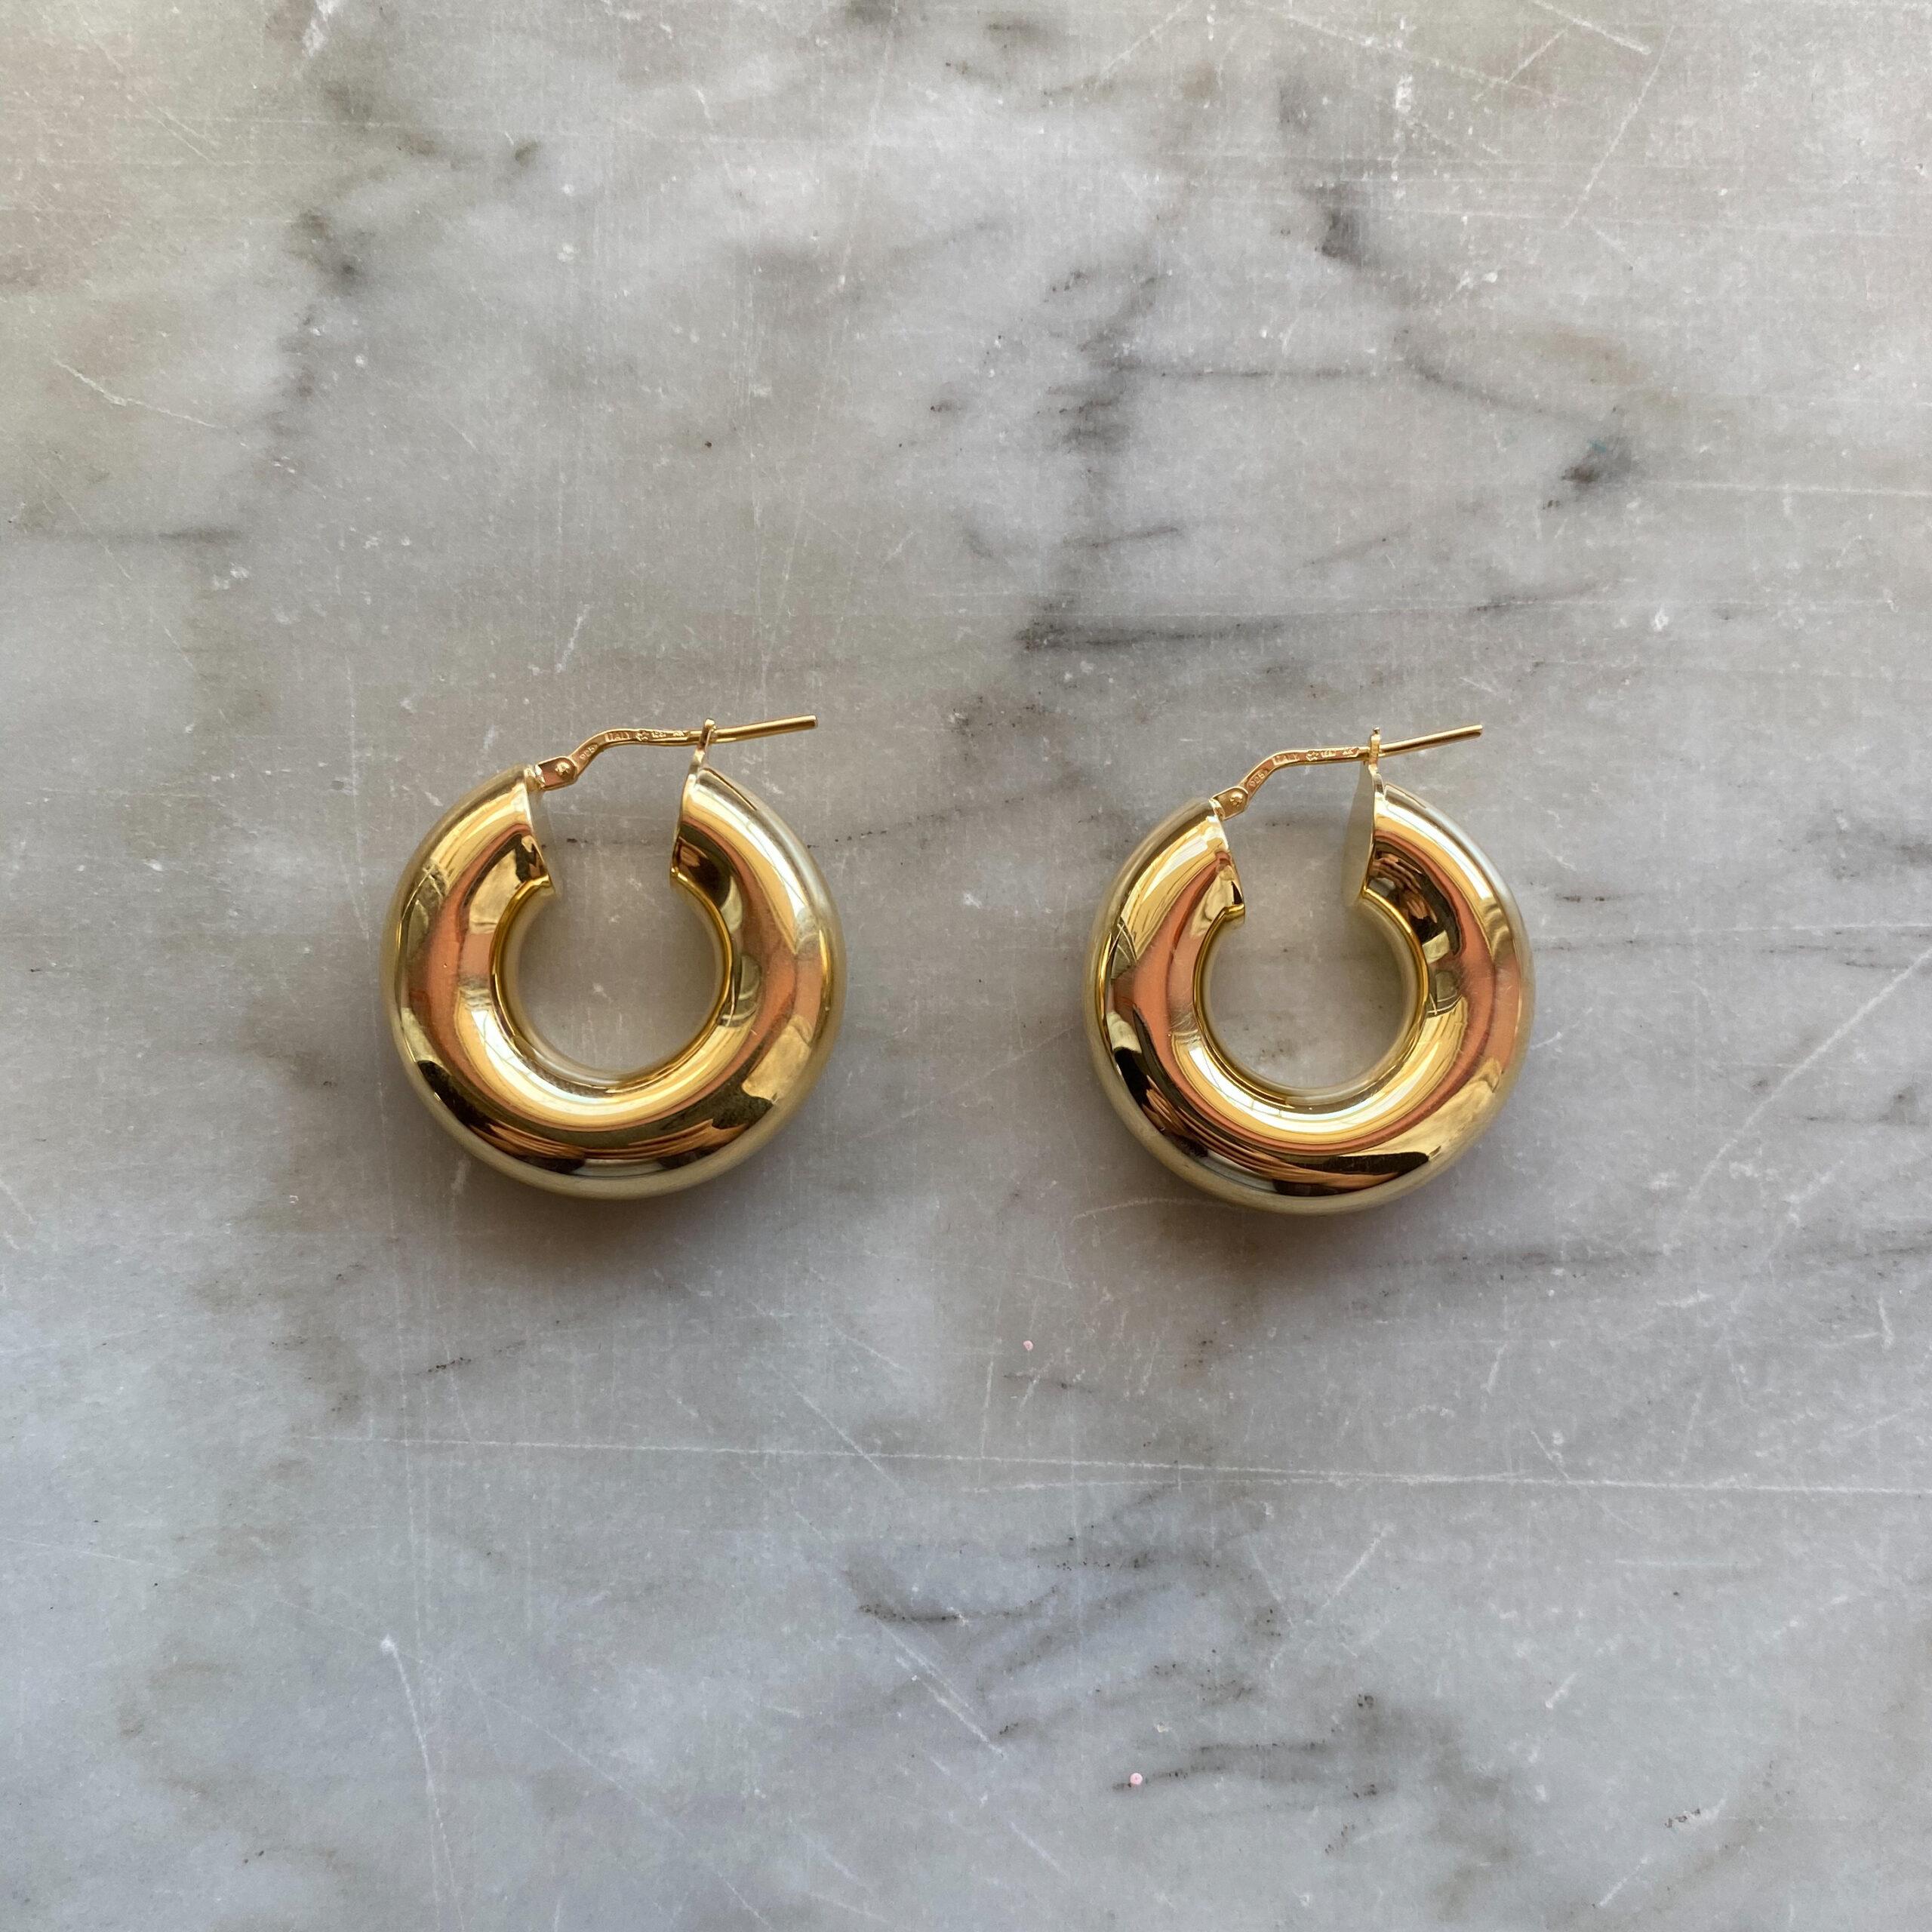 HOOPS TUBULAR GOLD 20